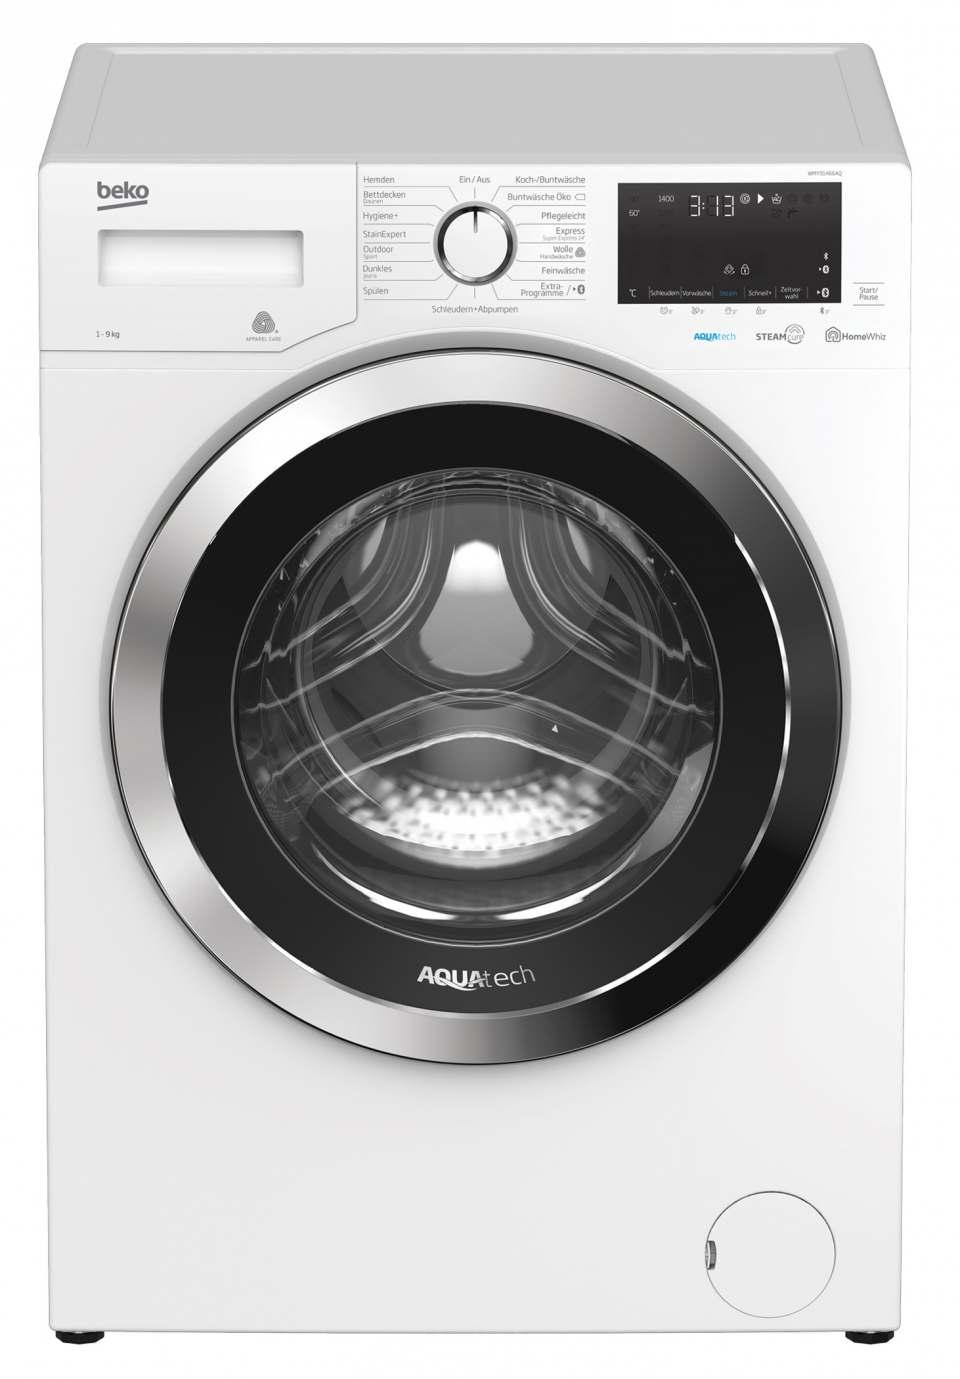 Beko Waschmaschine WMY91466AQ mit 15 Programmen.